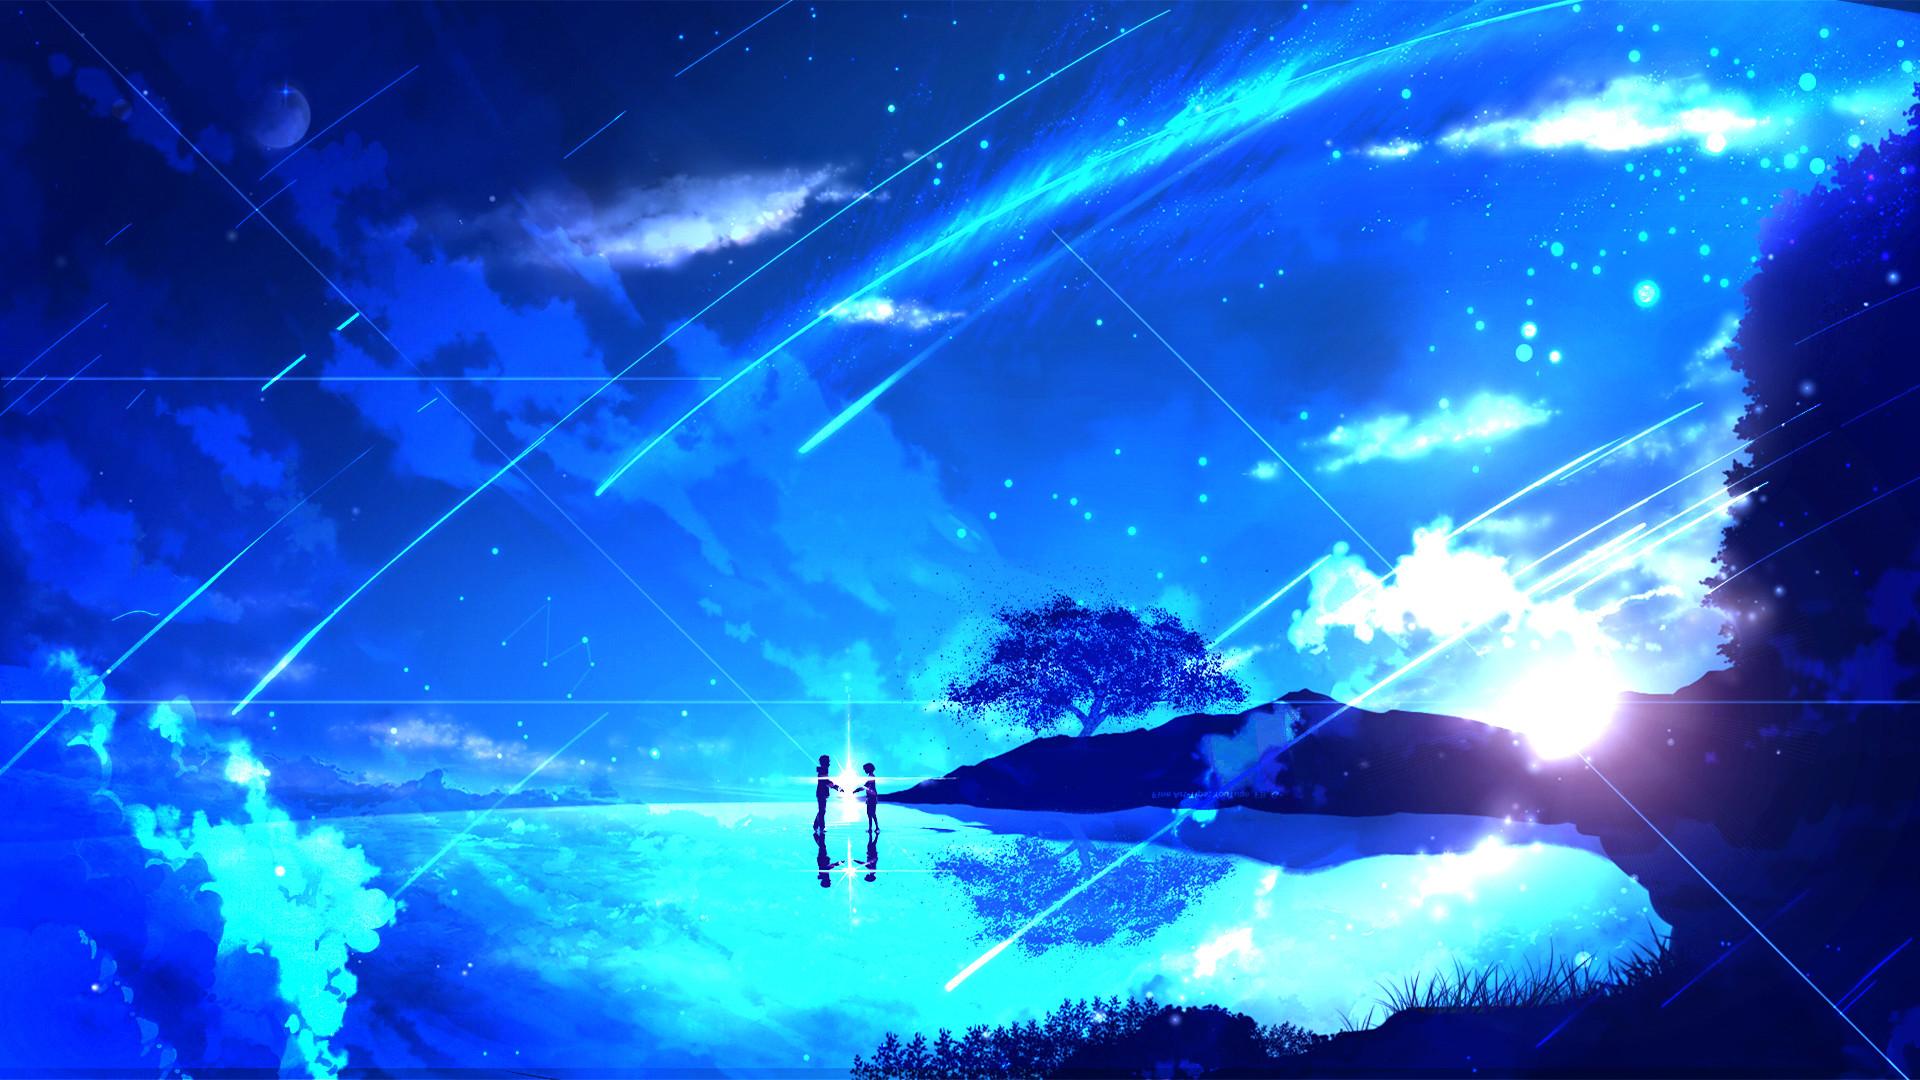 Wallpaper Couple Anime Girl Night Kimi No Na Wa Fondos De